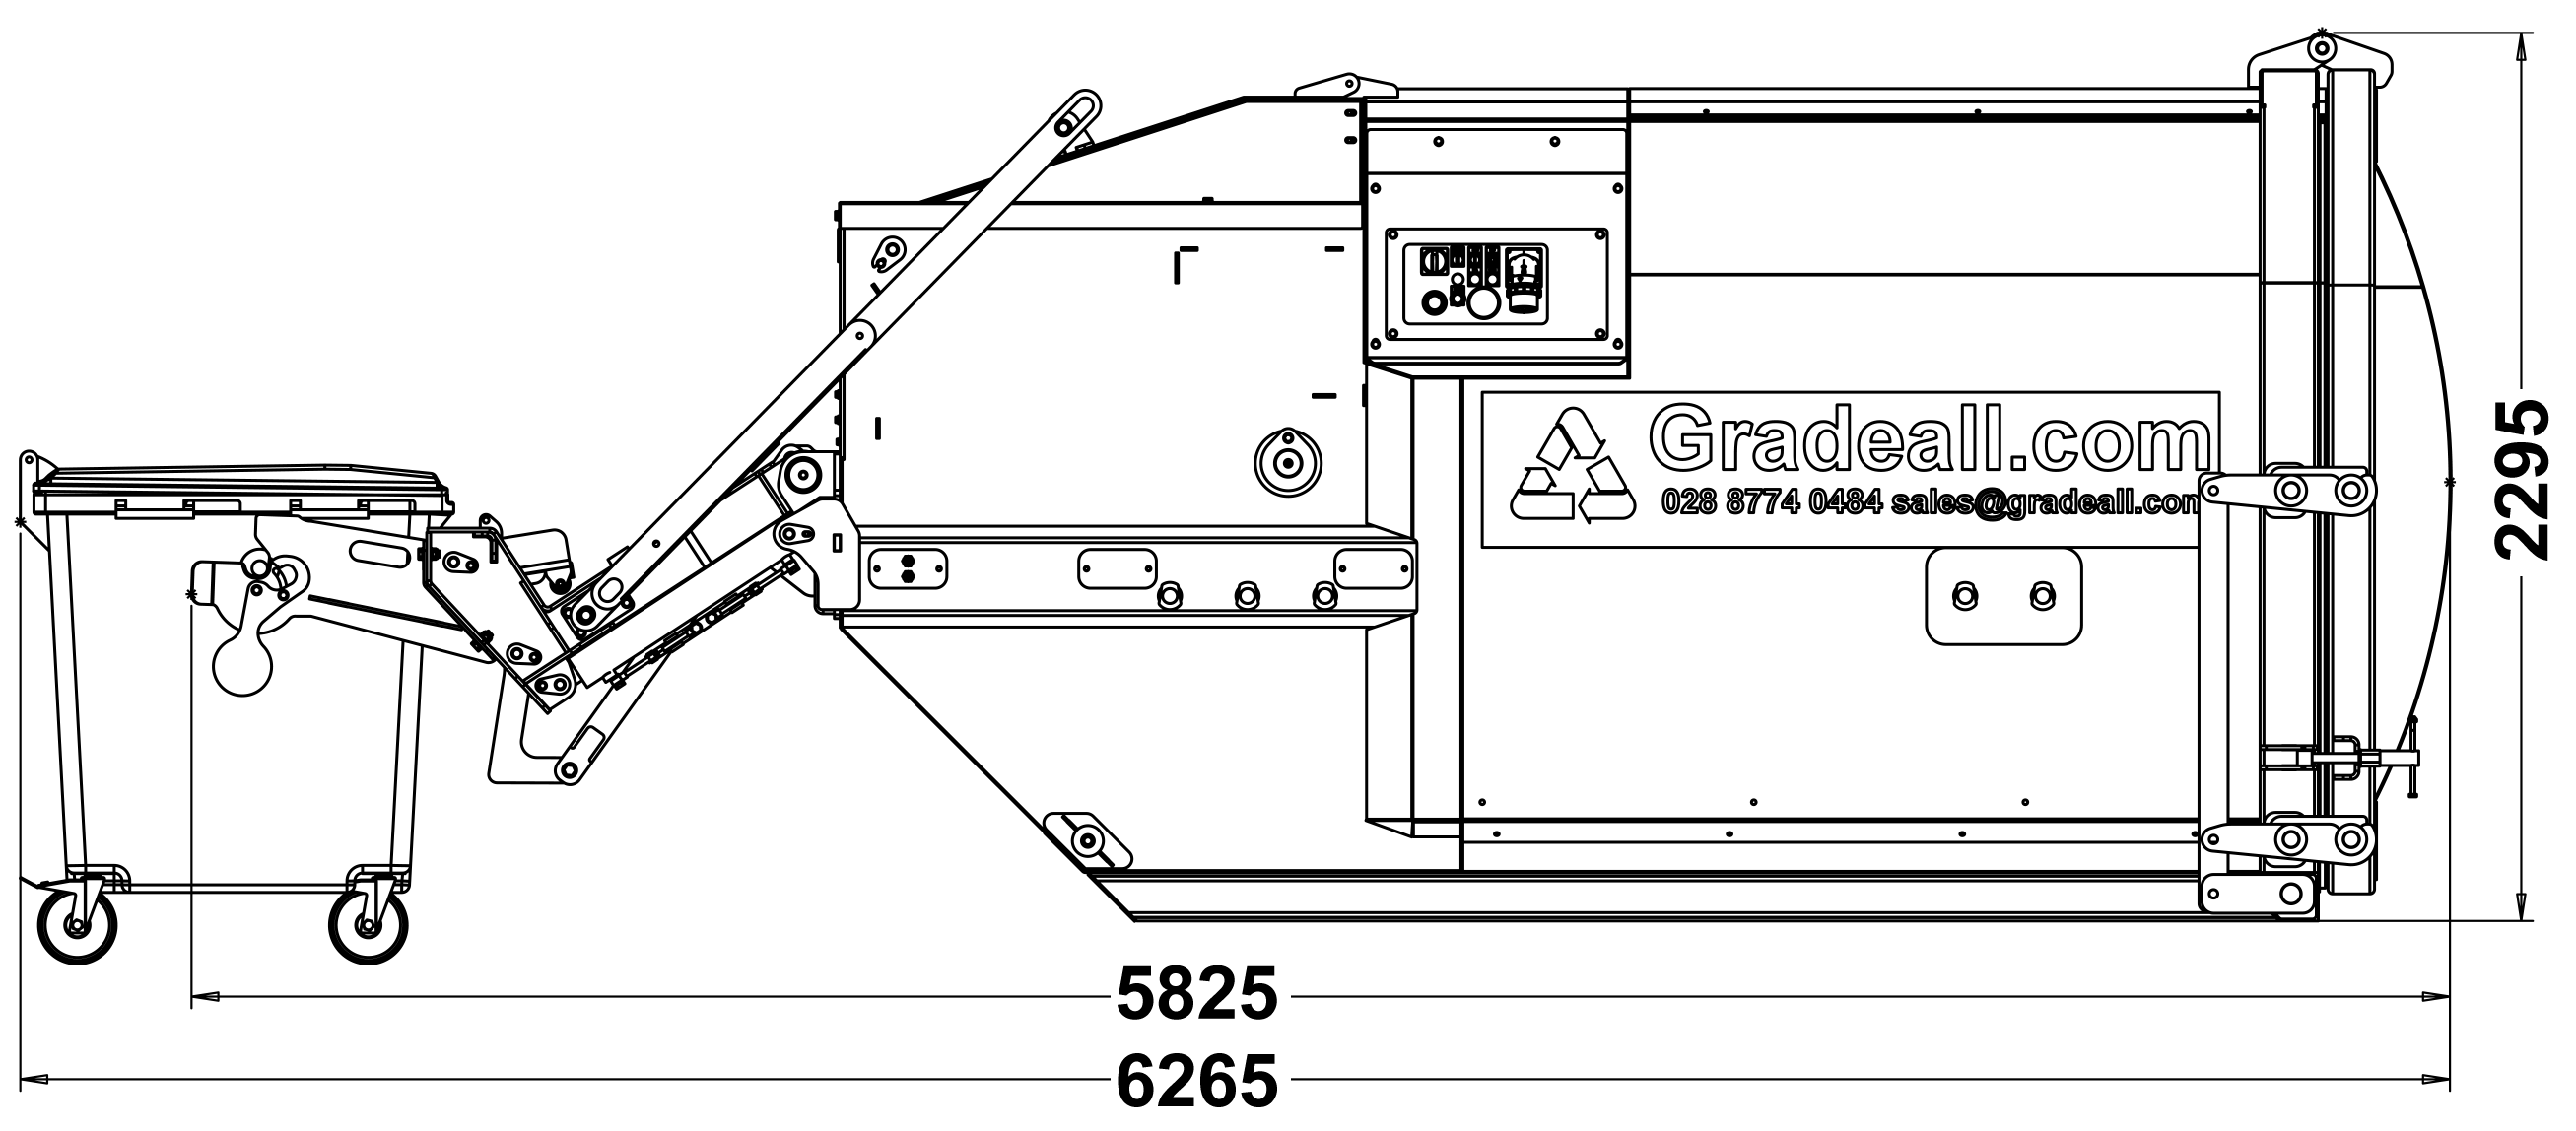 Gradeall GPC P9 - Bin Lift - Side View - Bin .Down